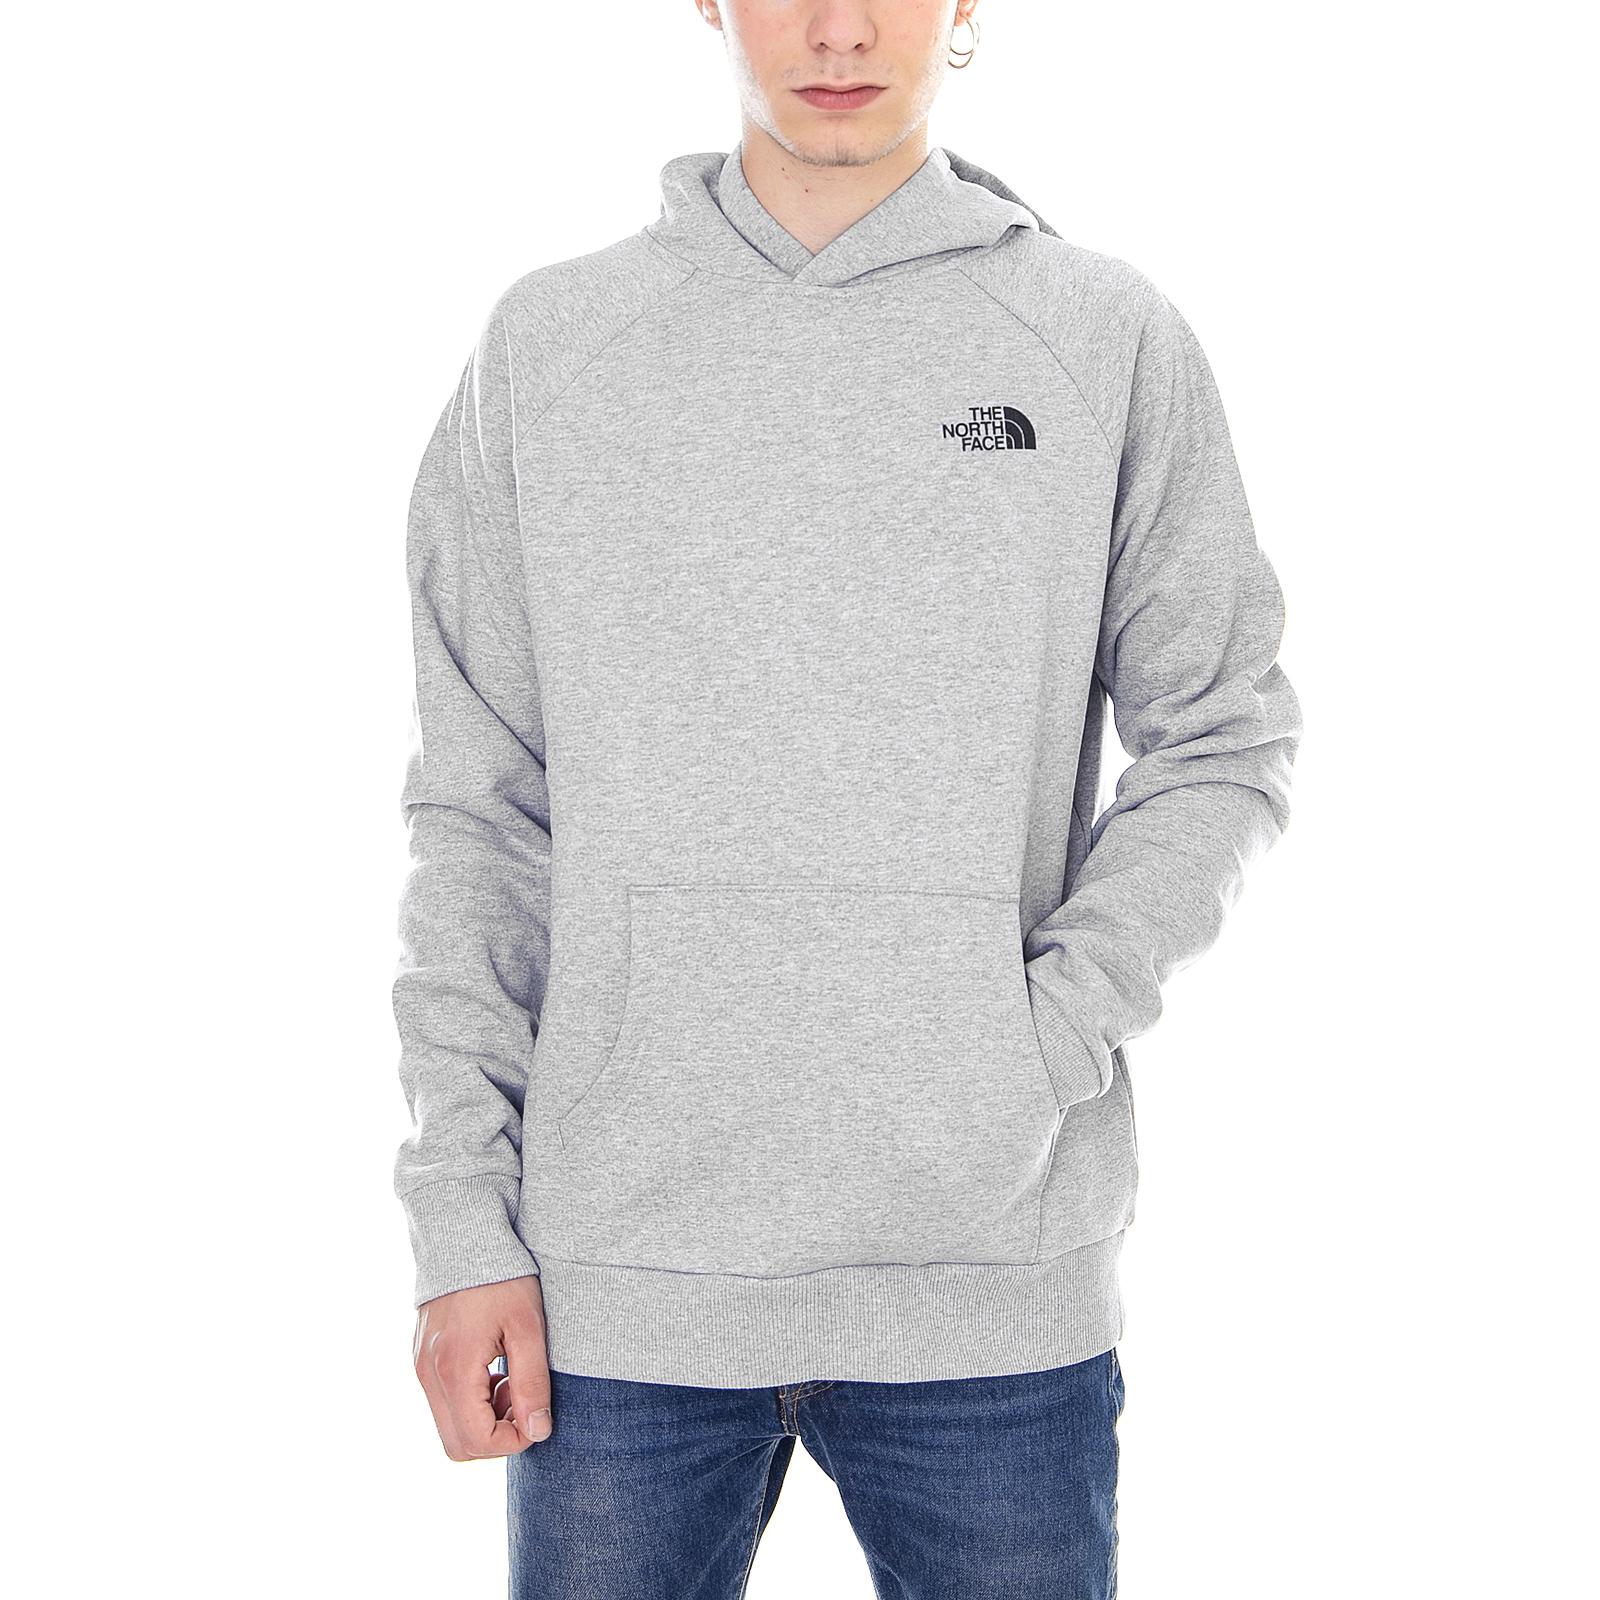 The North Face Pullover M Raglan- ROT Box Hd Tnf Lht Grau Grau